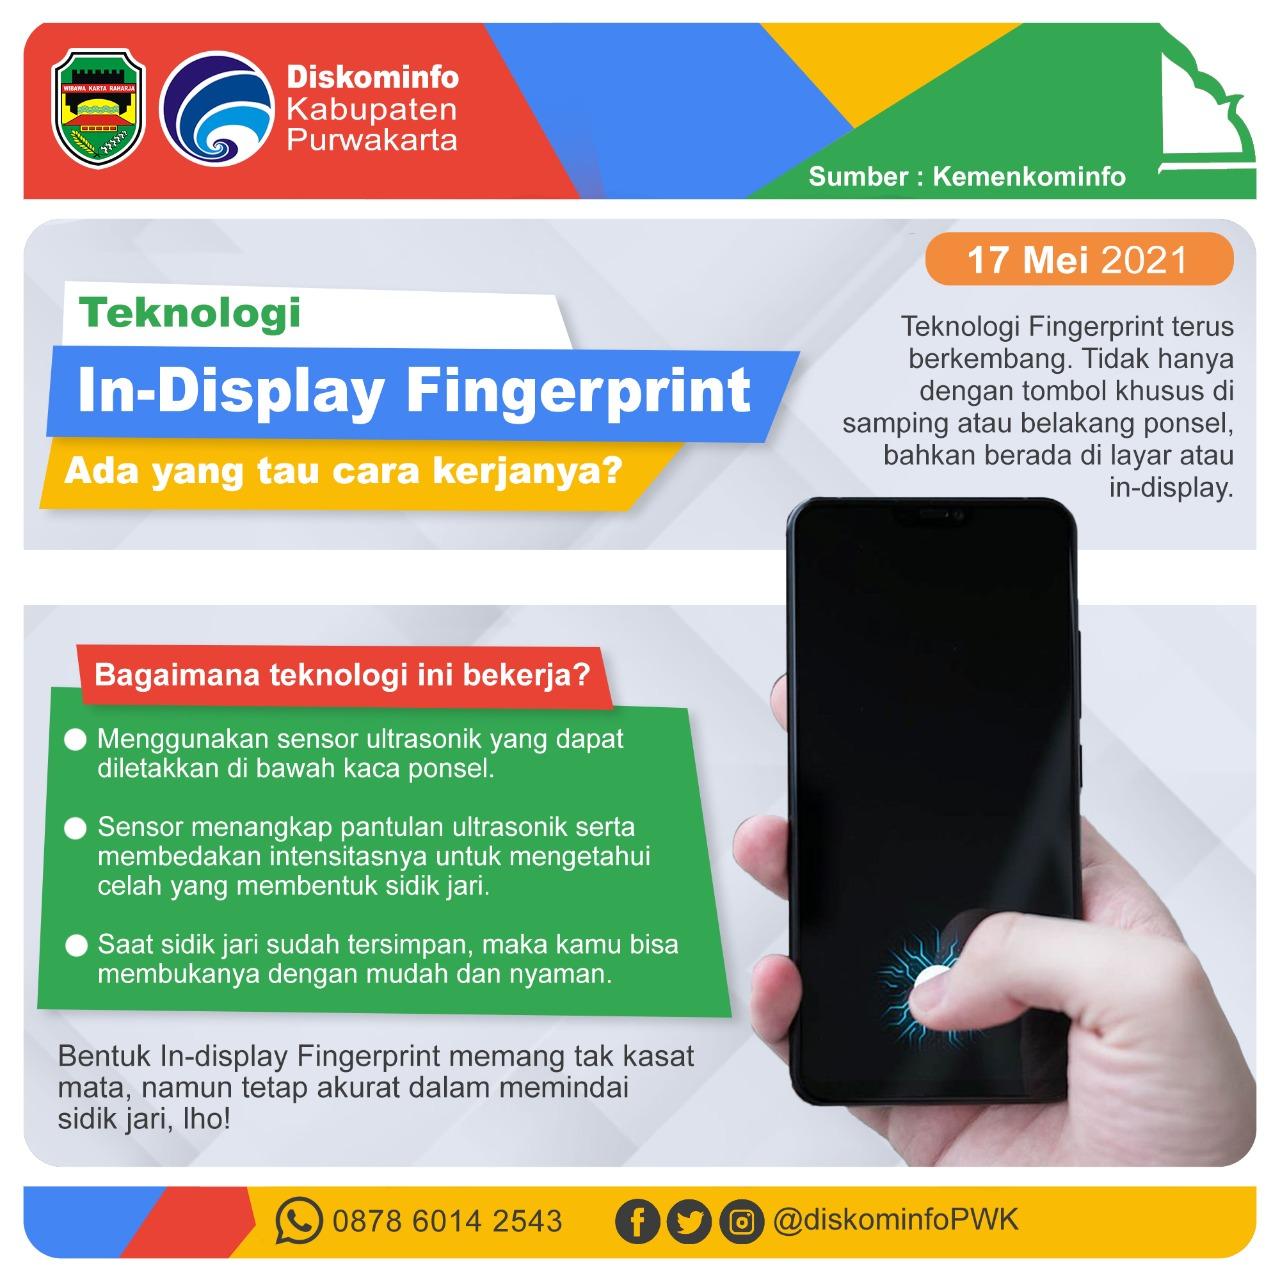 Teknologi In-Display Fingerprint